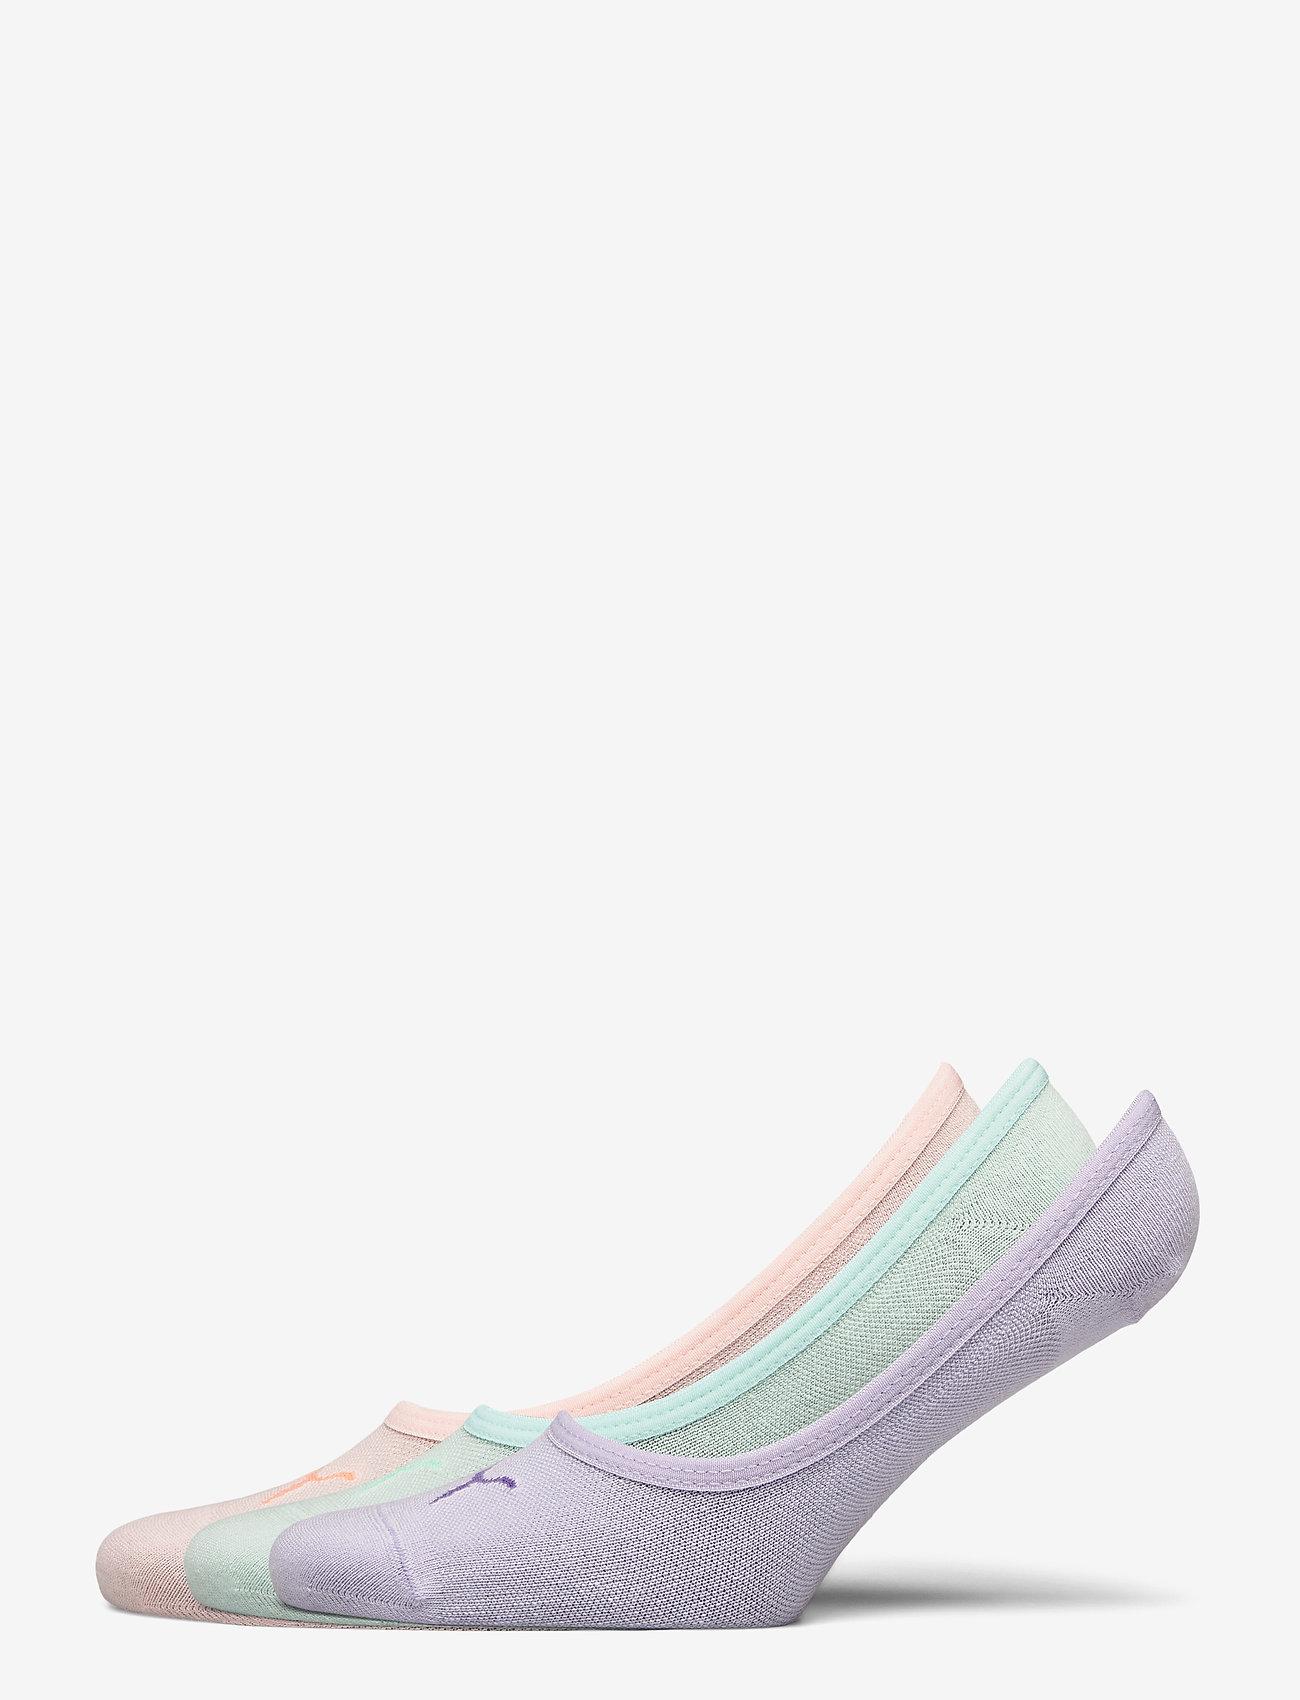 PUMA - PUMA FOOTIE 3P UNISEX - kousen - mixed colors - 0